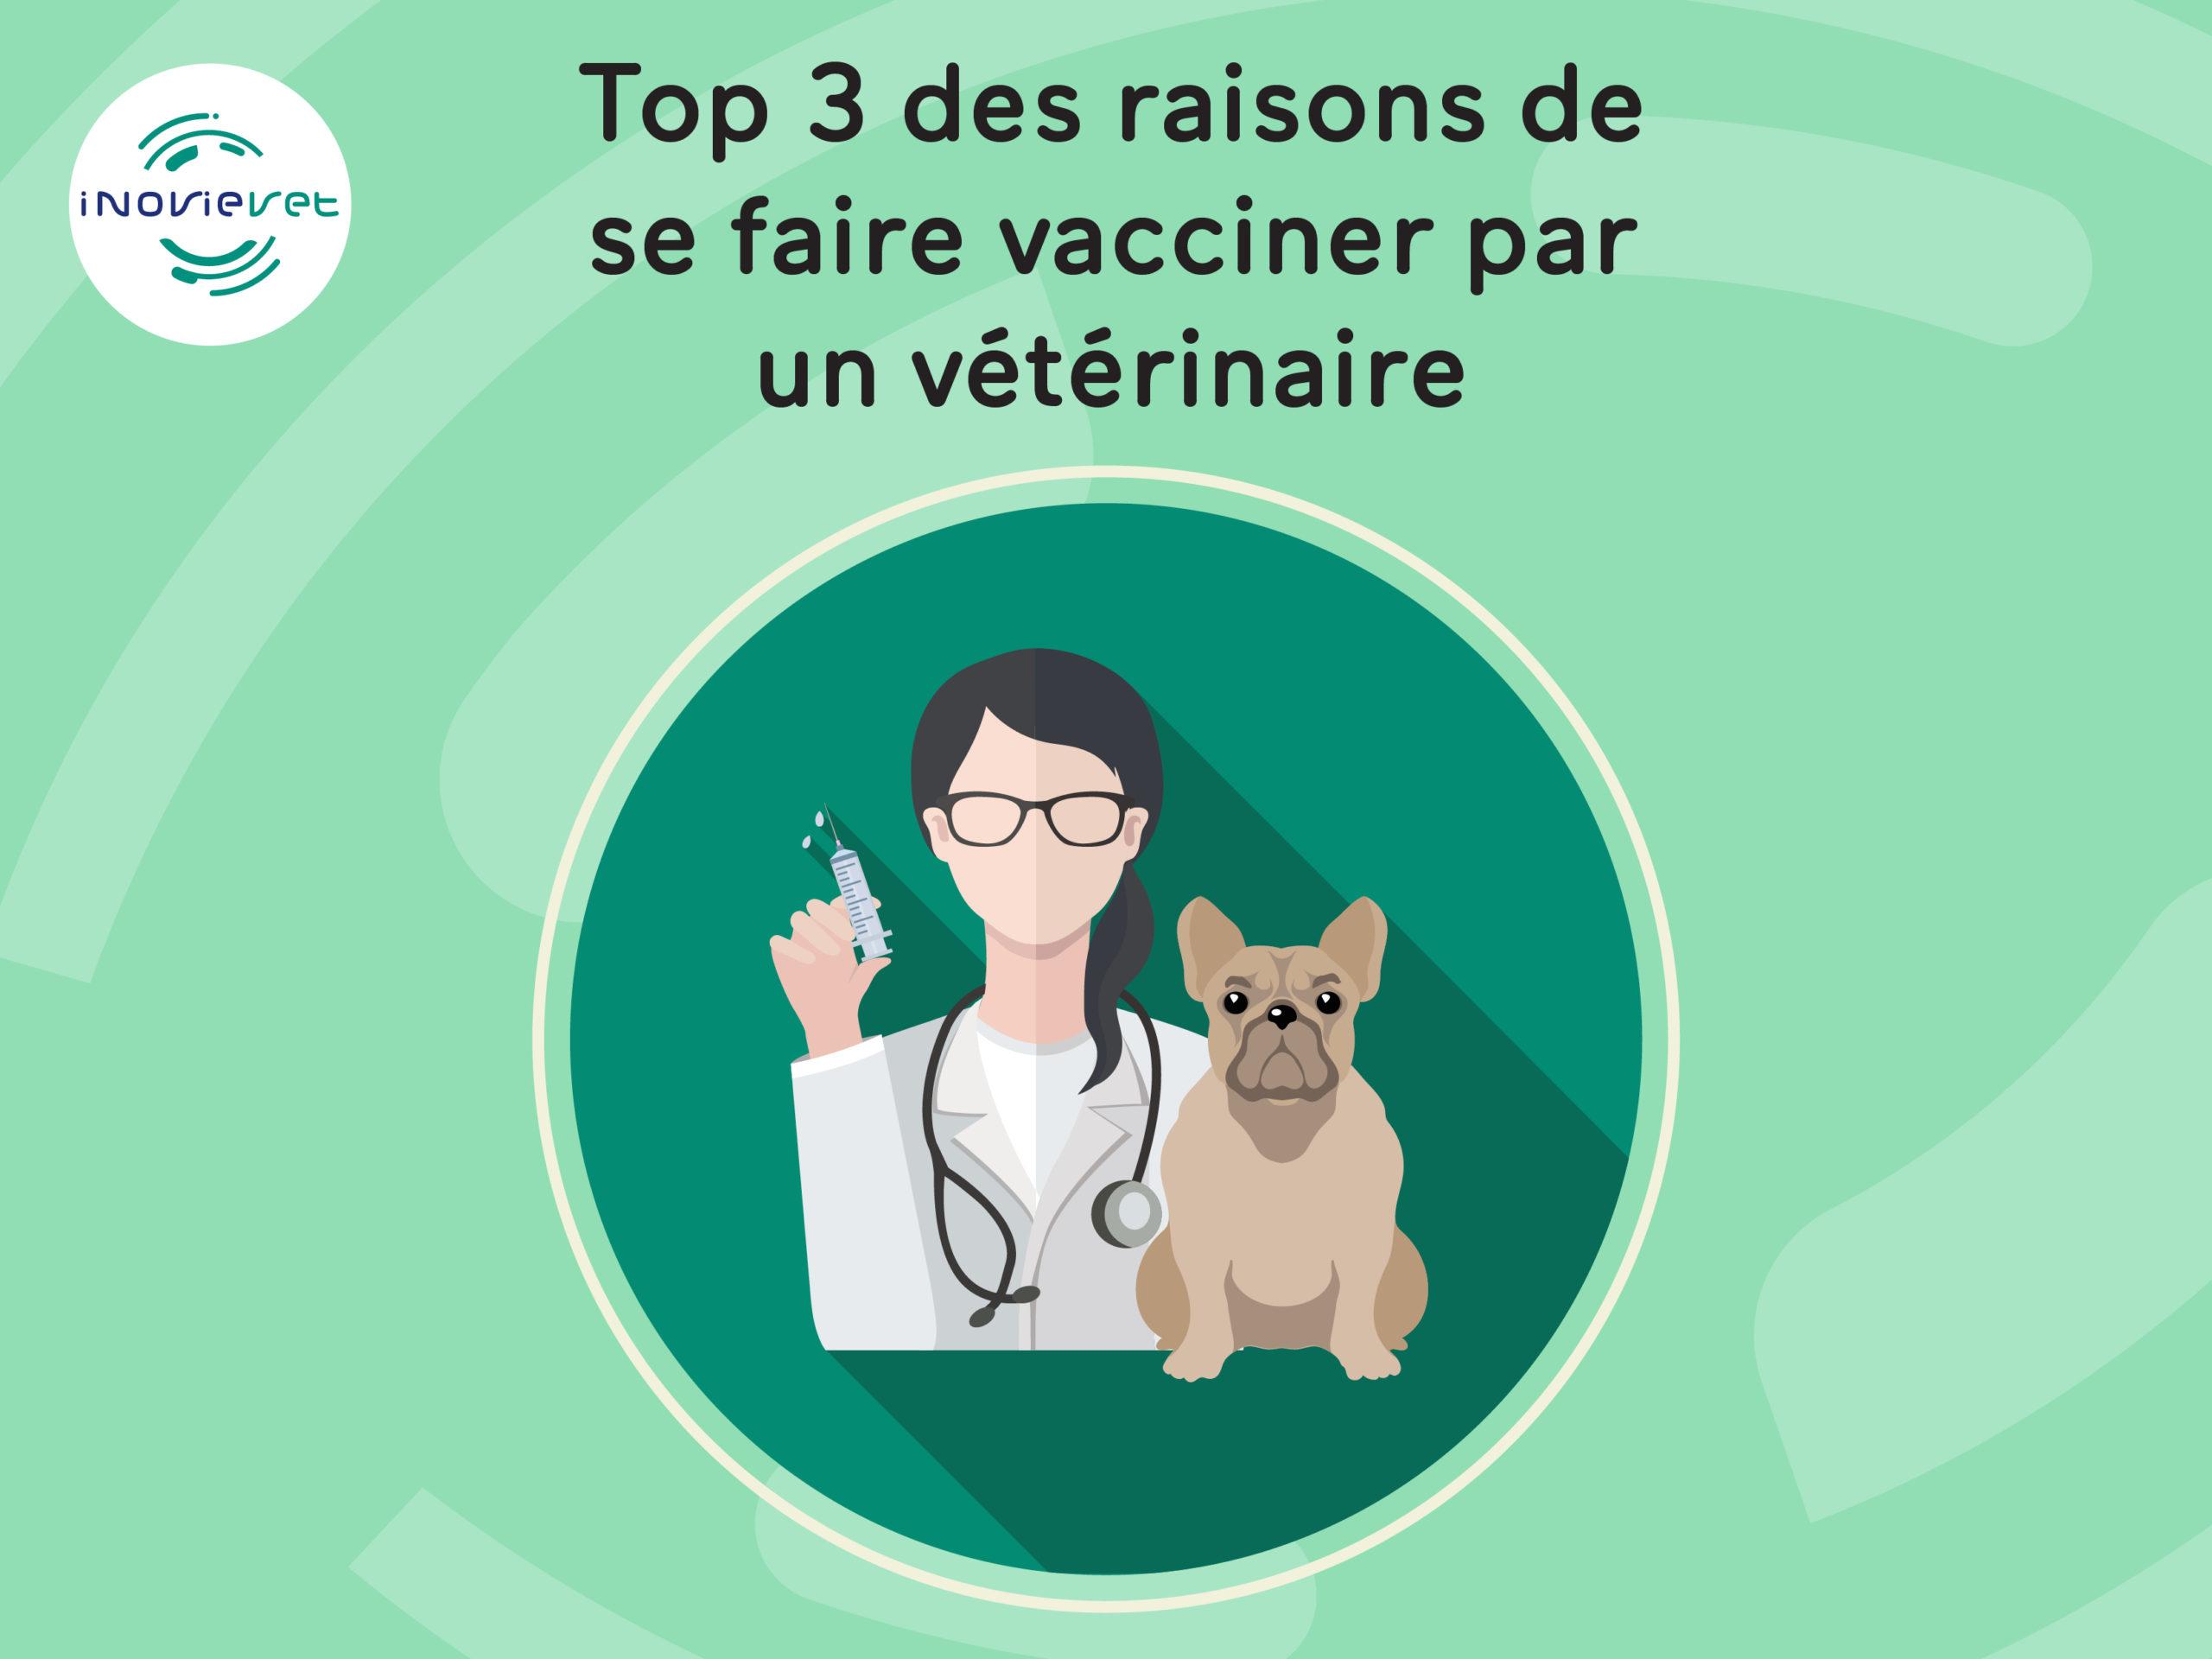 Top3 des raisons de se faire vacciner par un vétérinaire